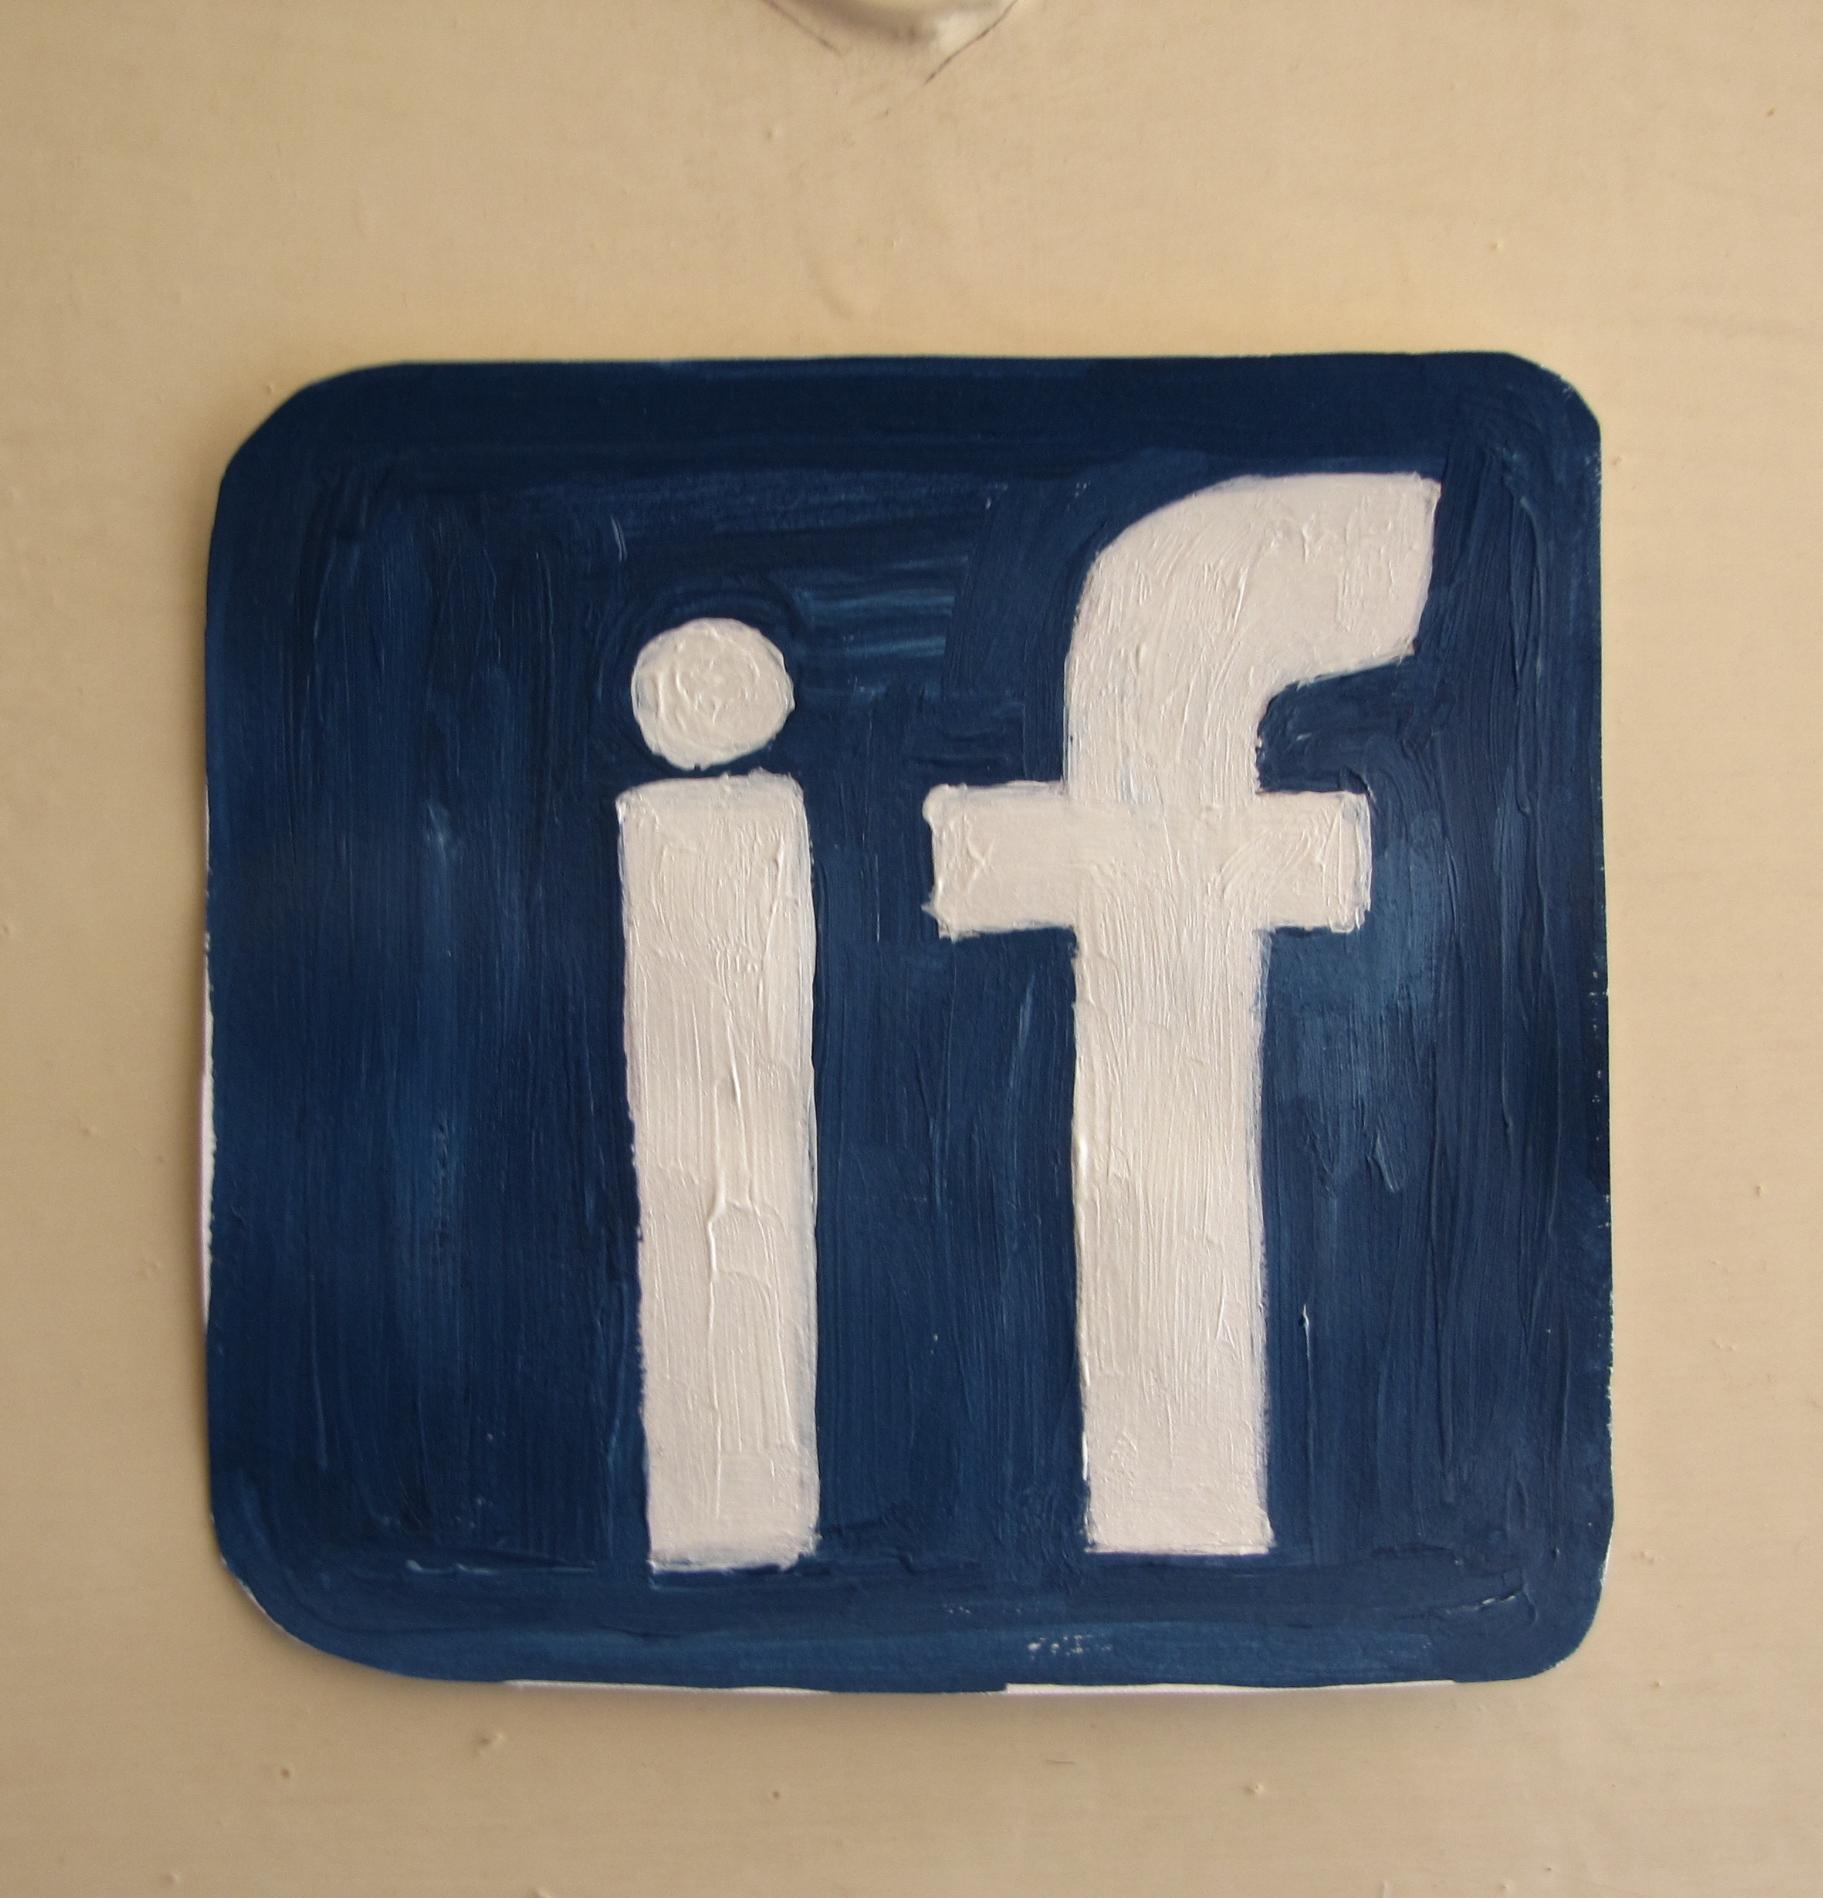 איףףףףףףףף - שלט פייסבוק לשירותים